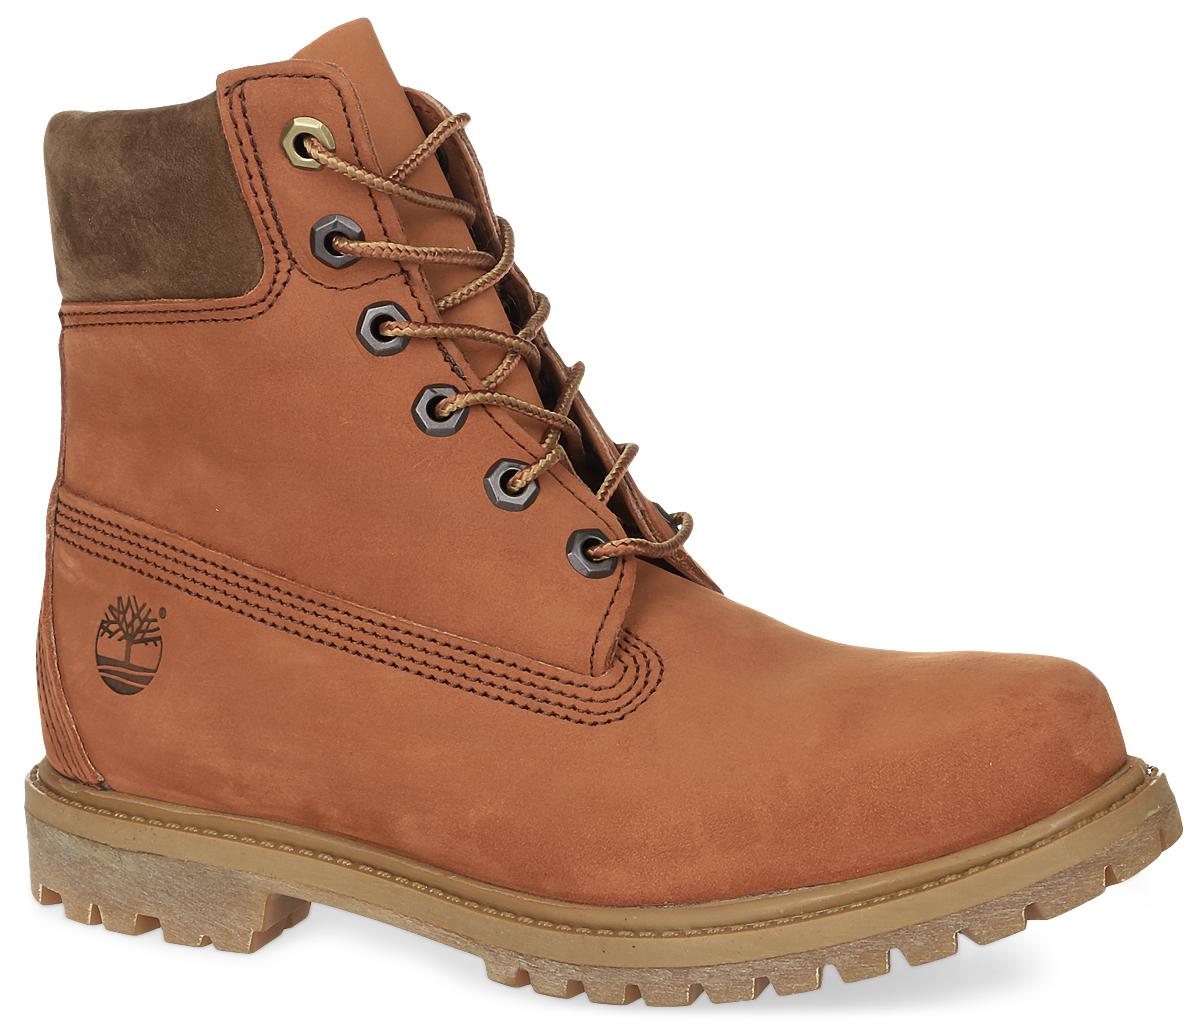 Ботинки женские Timberland 6 Premium Boot, цвет: оранжево-коричневый. TBLA18NUW. Размер 7 (37)TBLA18NUWКлассические шестидюймовые ботинки 6-inch Premium Boot от Timberland заинтересуют вас своим дизайном с первого взгляда! Модель изготовлена из натурального нубука и сбоку оформлена тисненым логотипом бренда. Высокий язычок и шнуровка обеспечивают плотное прилегание верхней части ботинок к ноге, создавая дополнительную теплозащиту. Утеплитель Primaloft 400г и стелька Anti-Fatigue для большего комфорта обеспечивают максимальный комфорт при движении. Каблук и подошва с протектором гарантируют идеальное сцепление с любыми поверхностями.